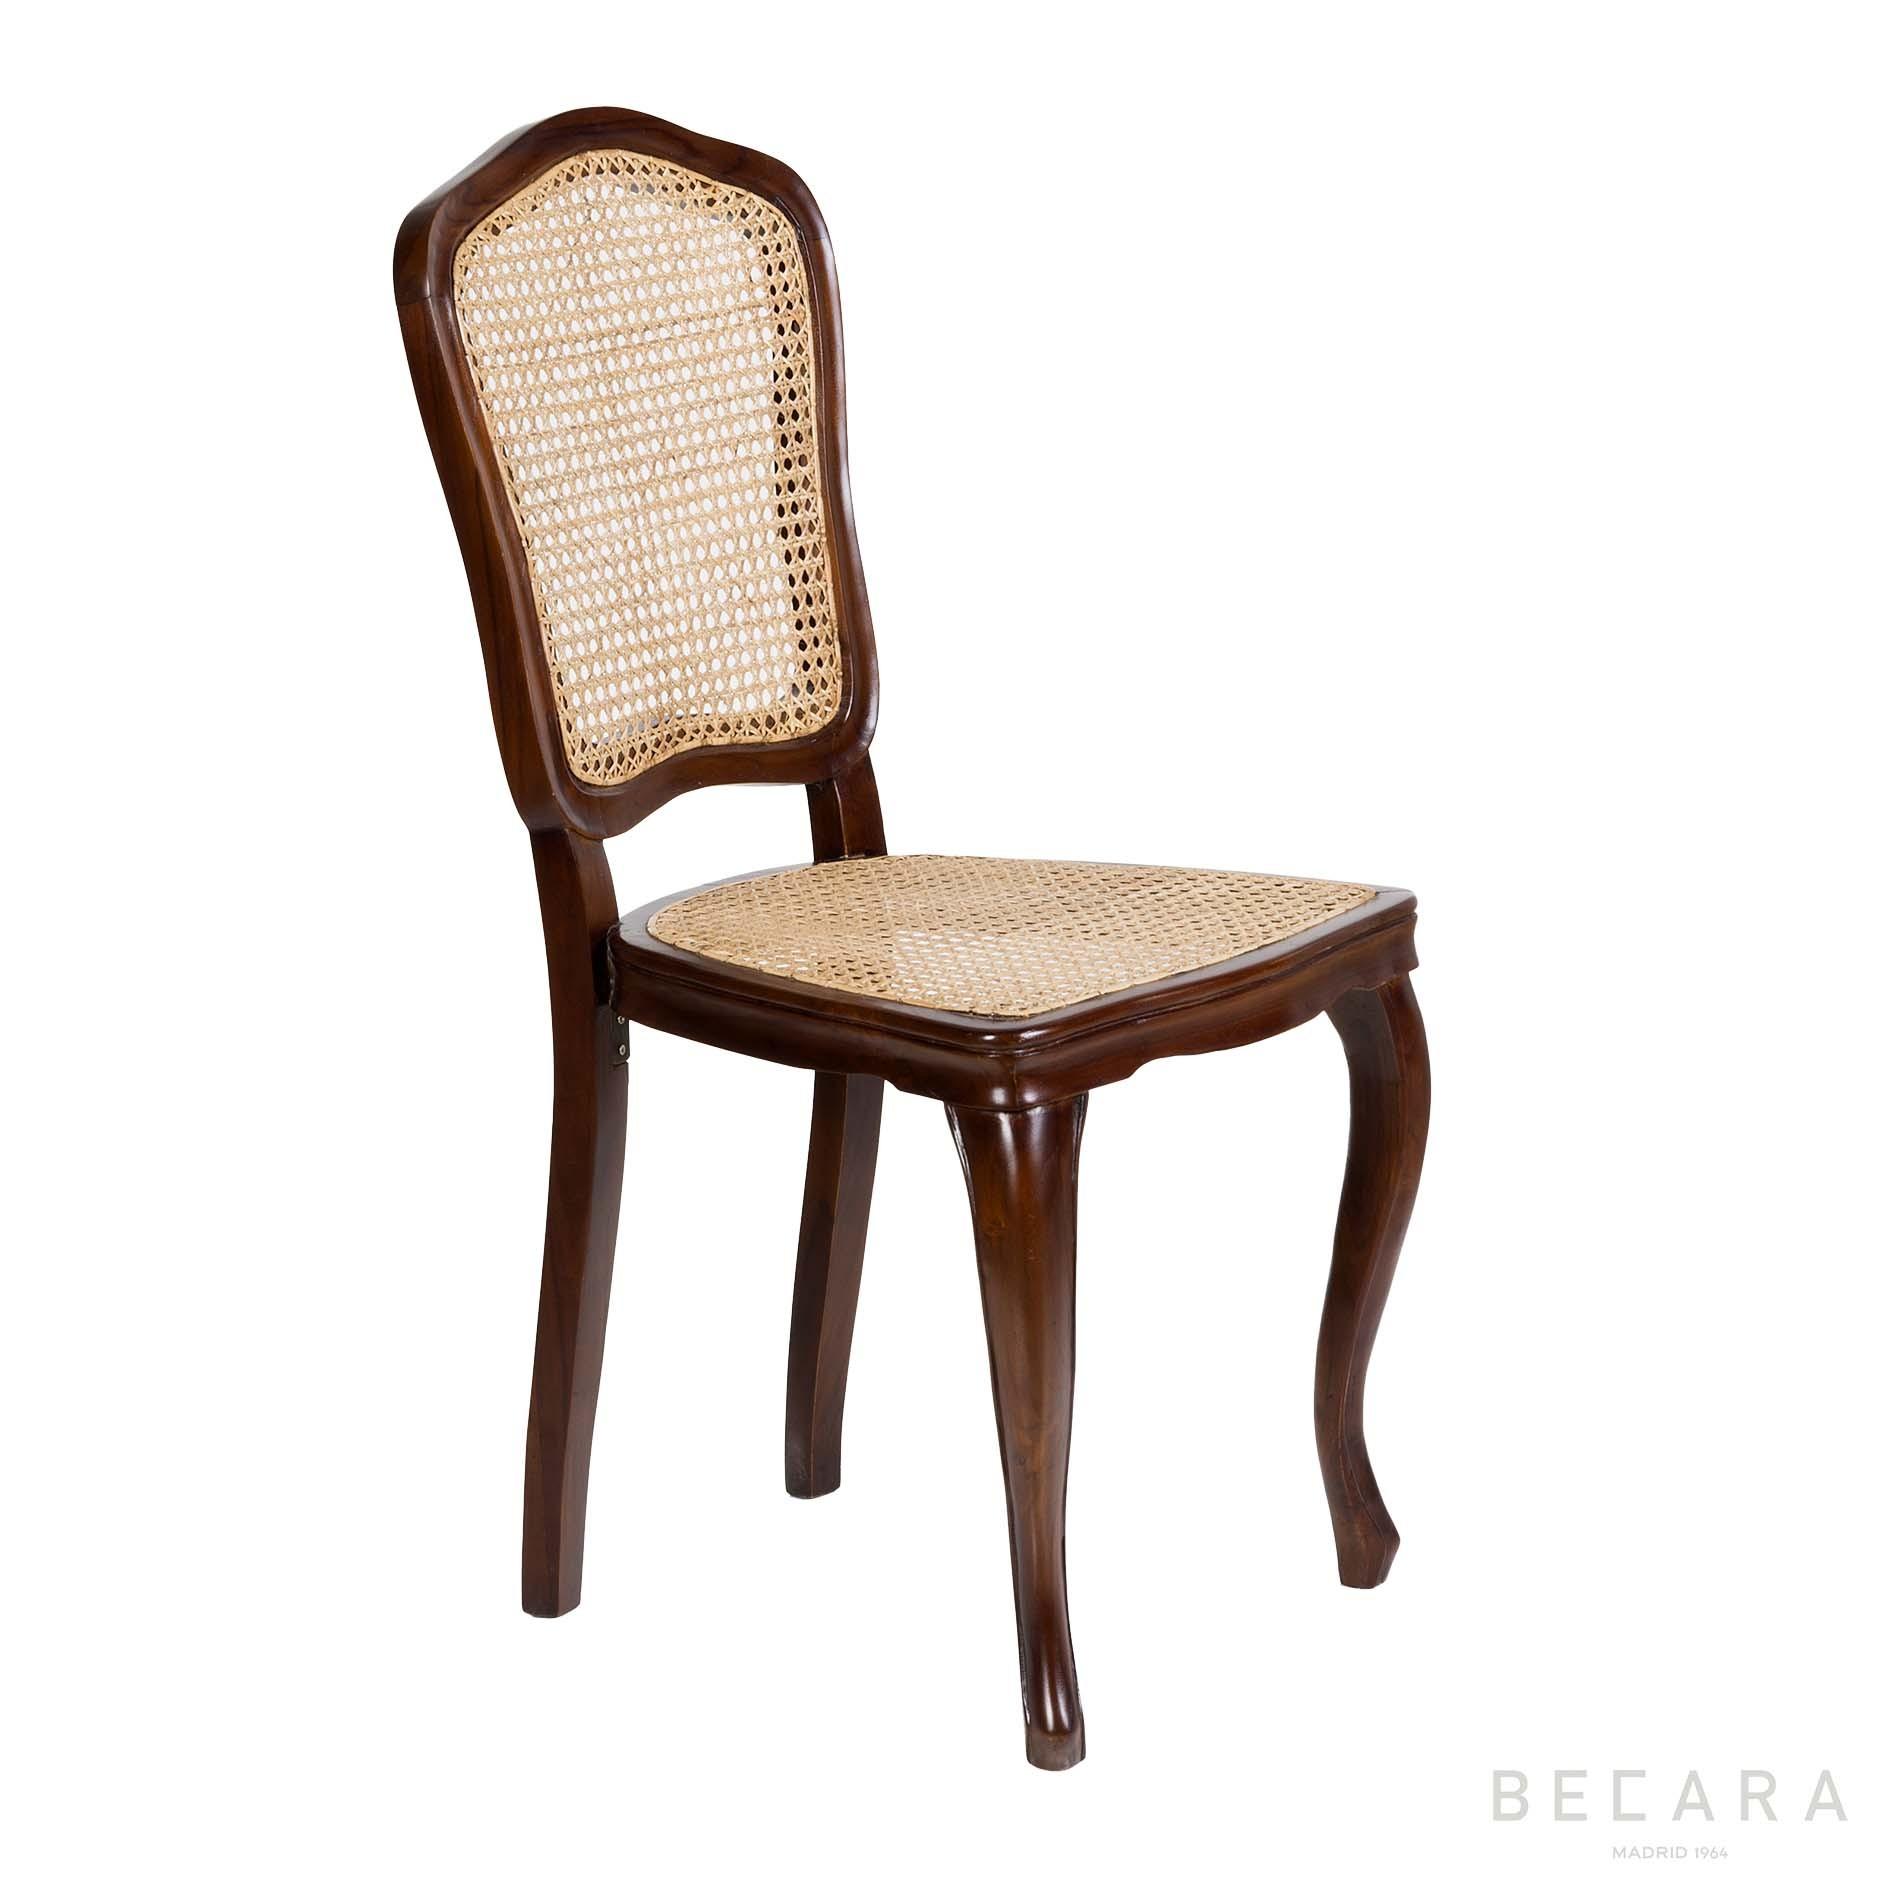 Silla Reina Ana marrón - Sillas en BECARA